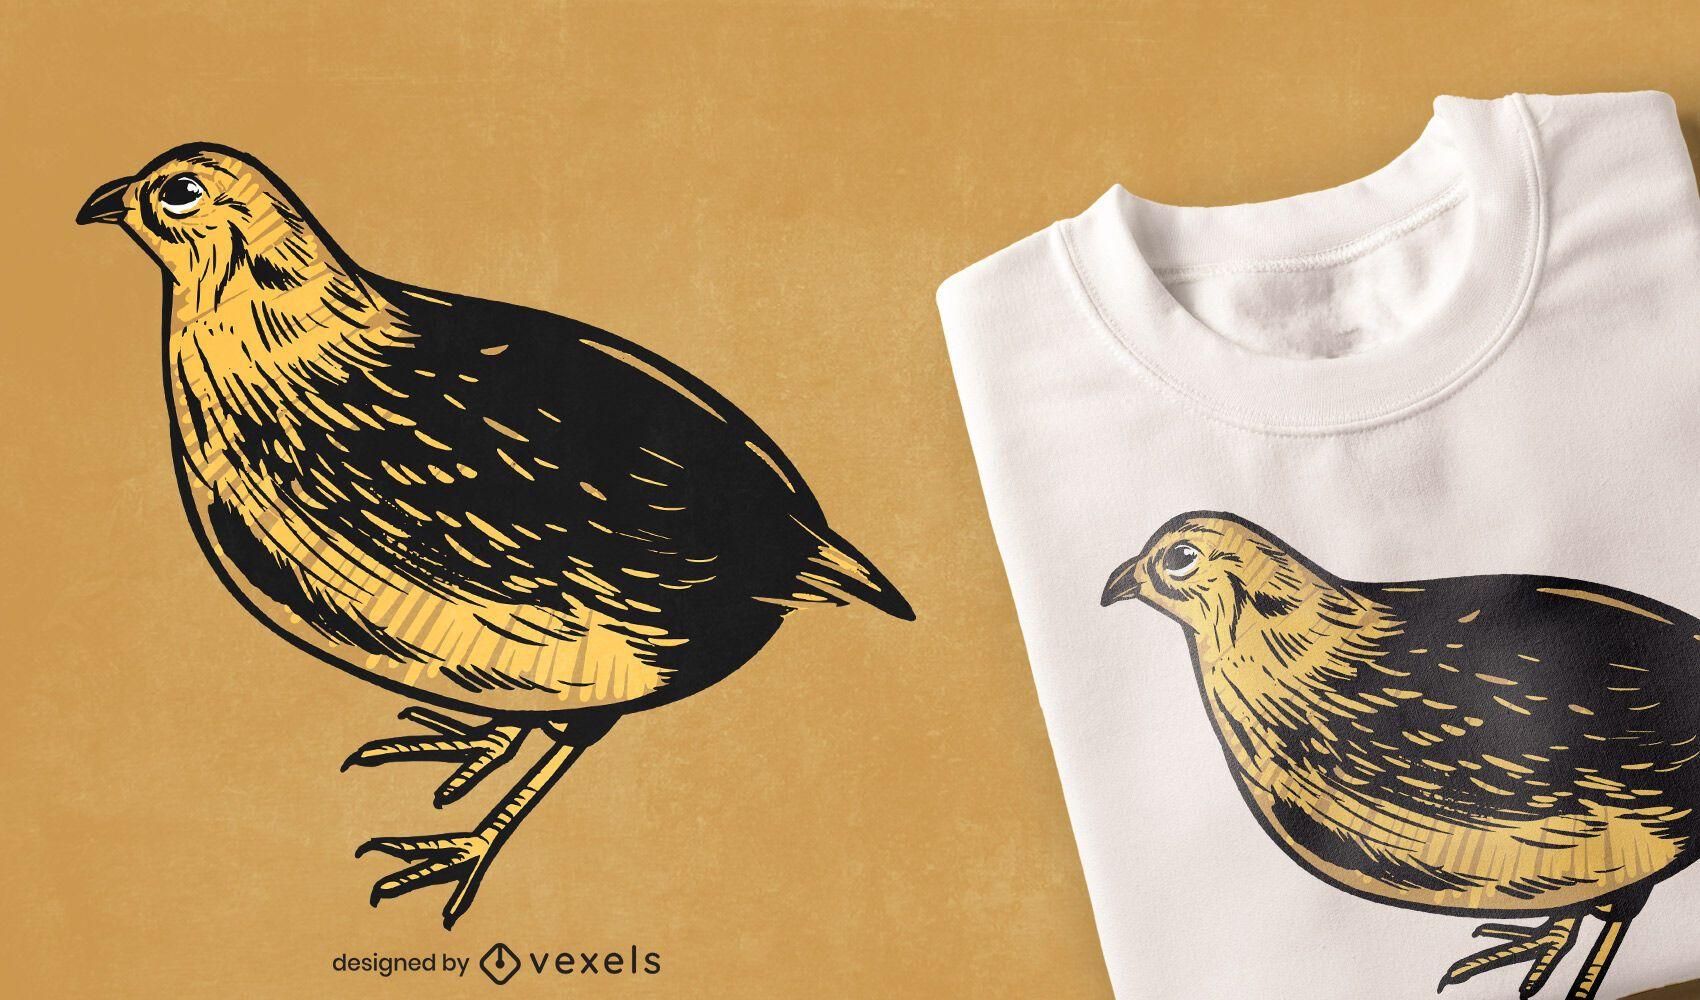 Desenho de camiseta com ilustração de codorniz